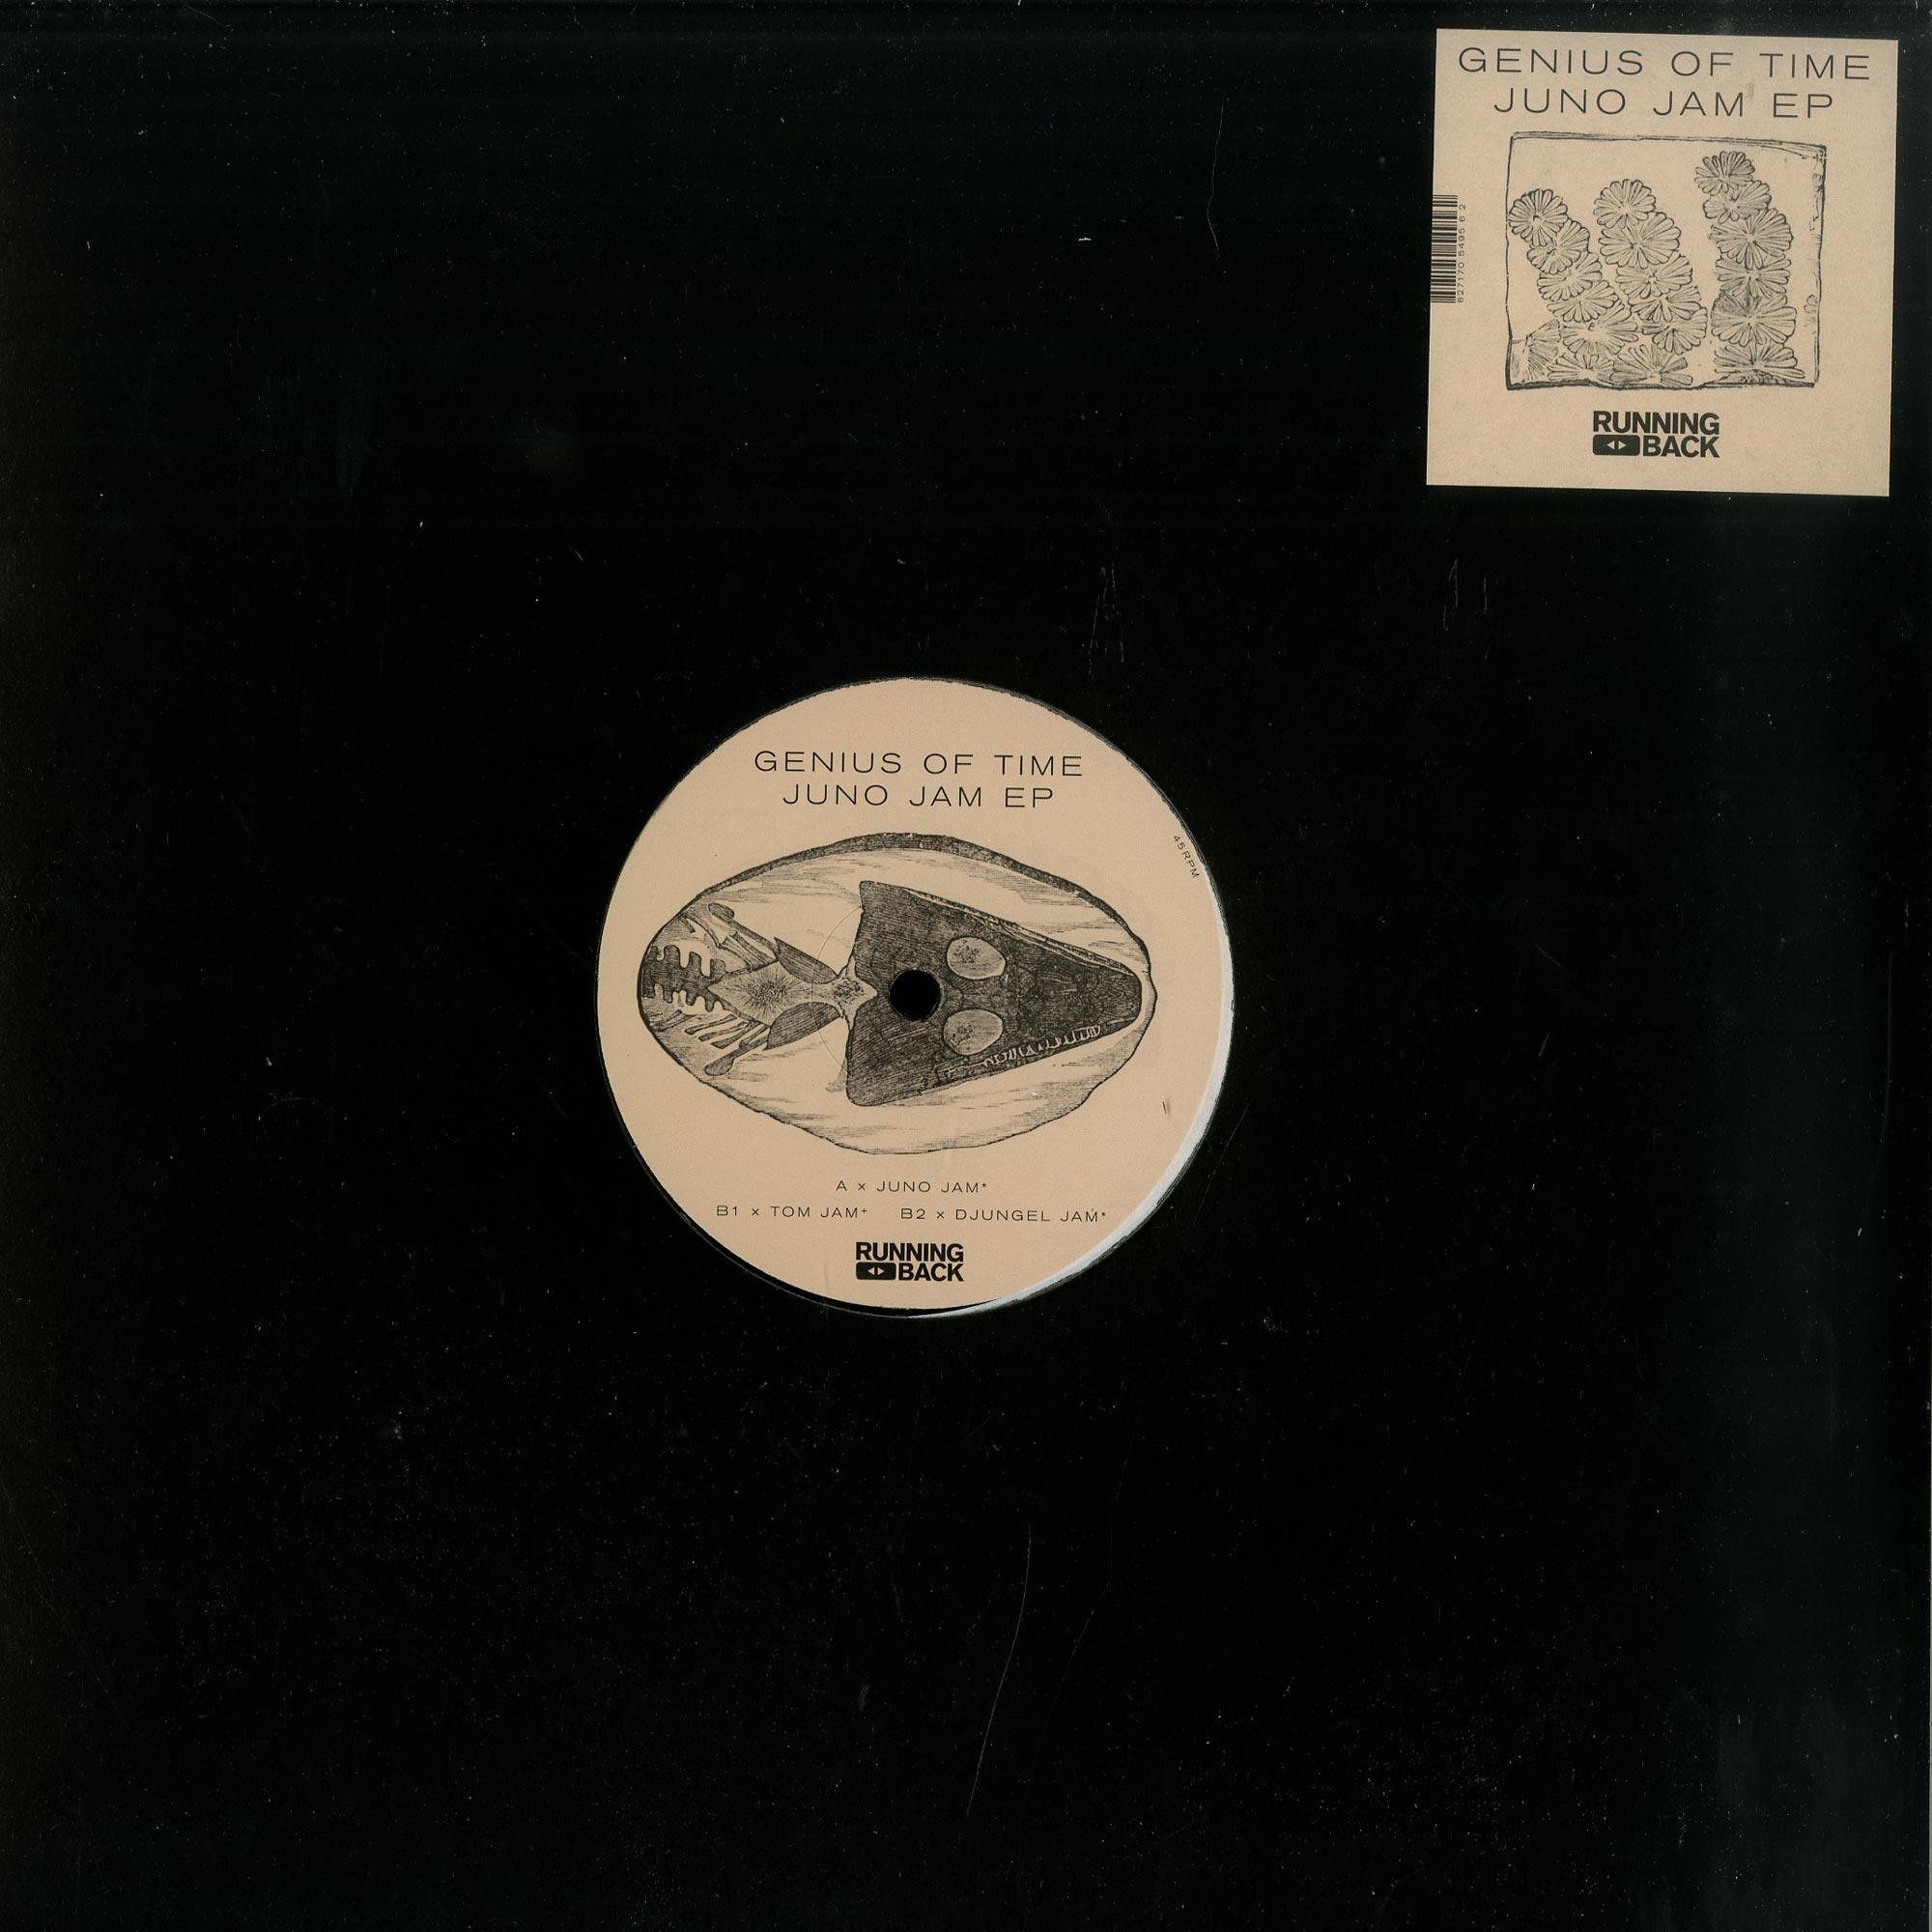 Genius Of Time - JUNO JAM EP